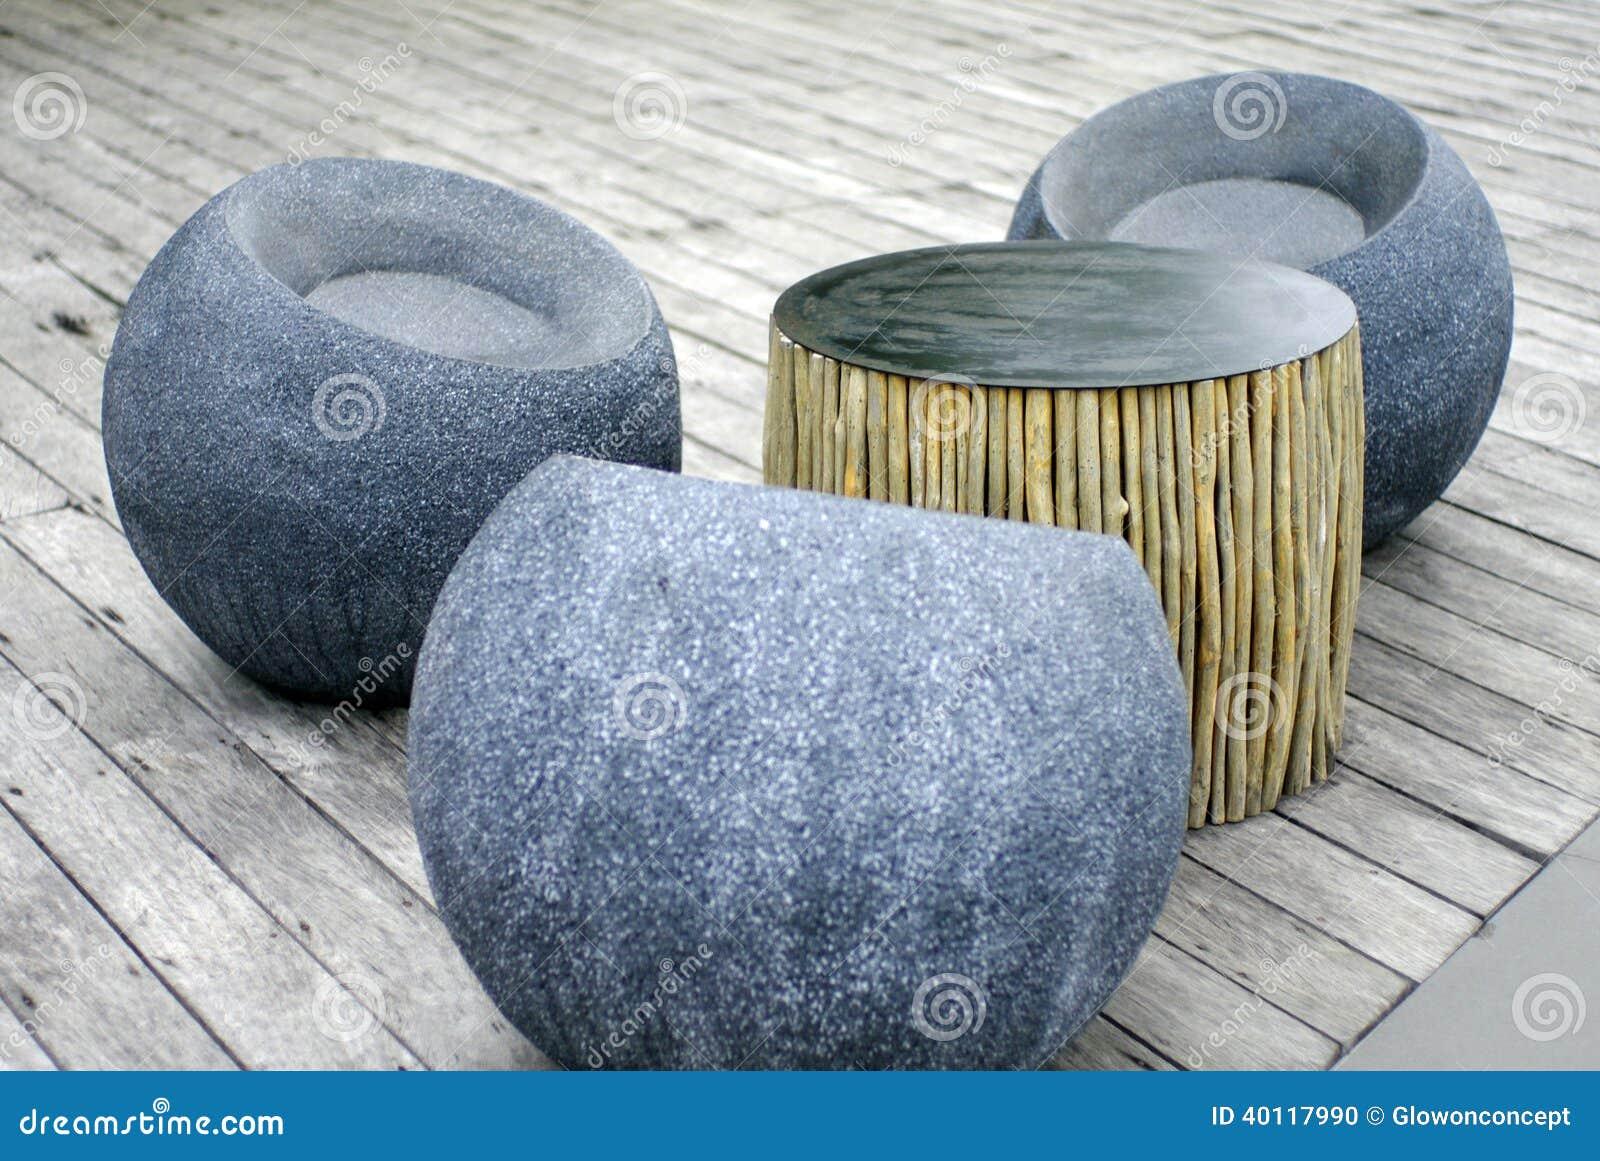 Si ge ext rieur en pierre photo stock image 40117990 for Exterieur stock